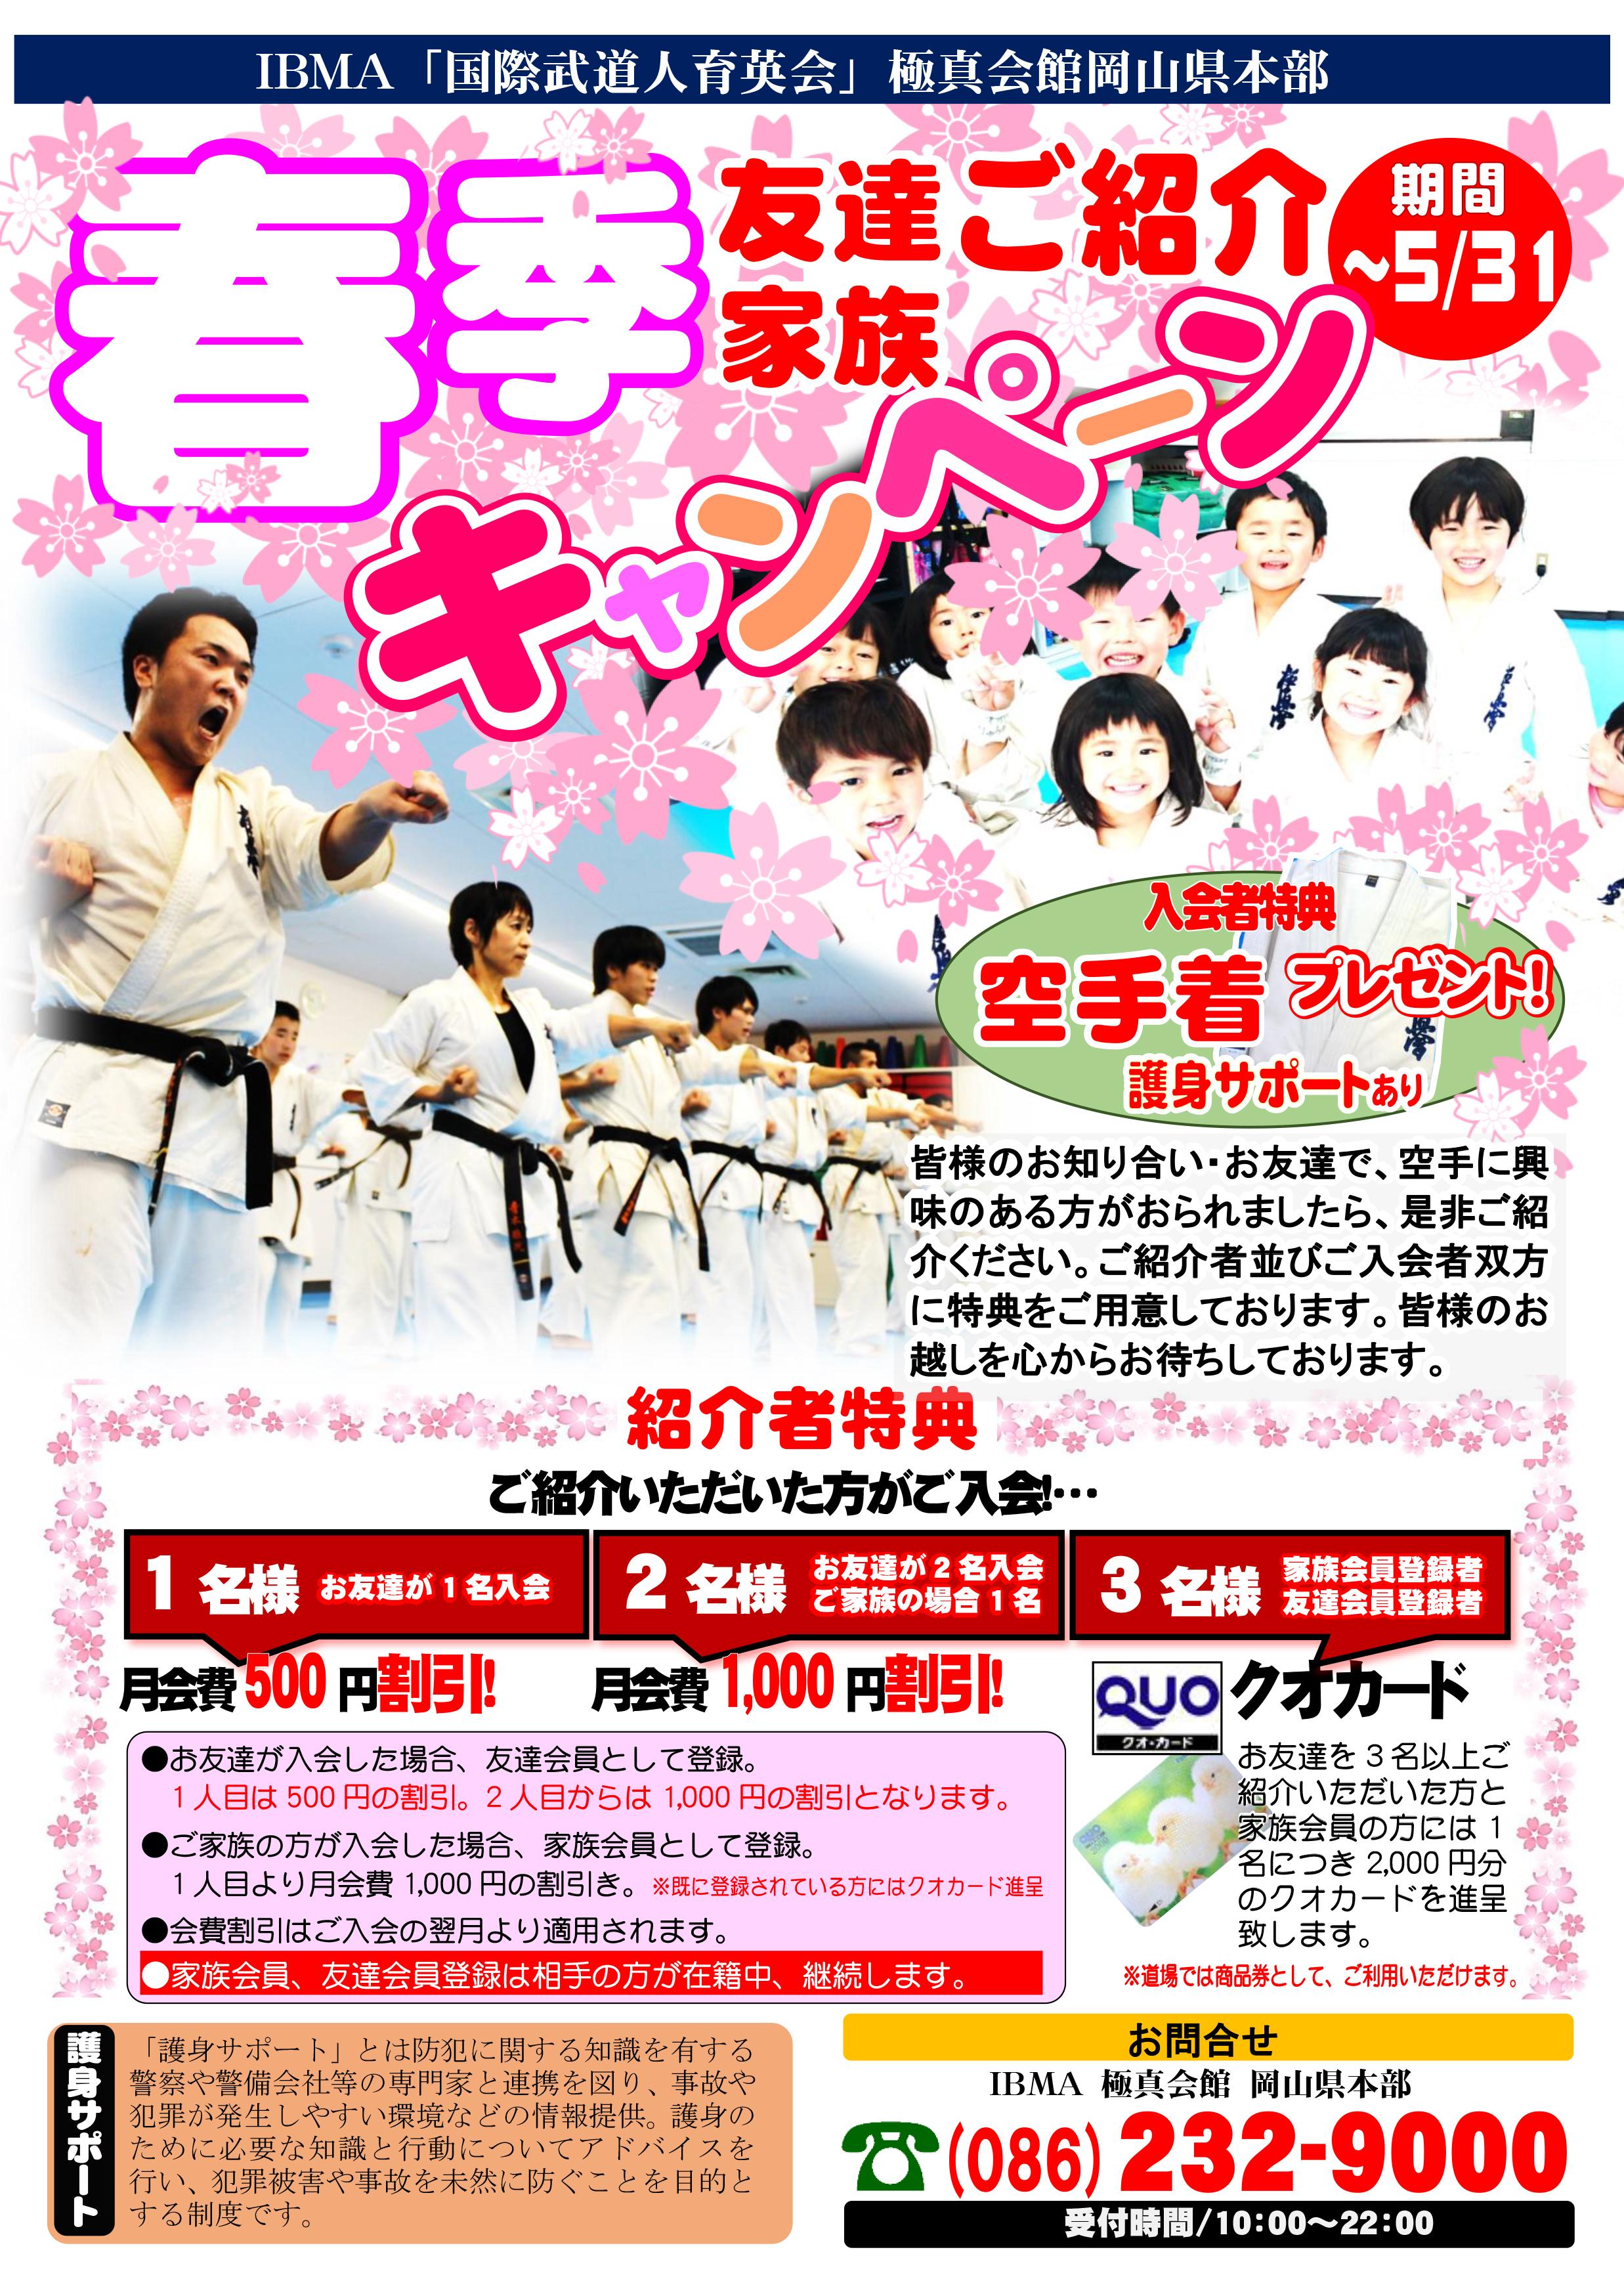 ■春季キャンペーン案内(ポスター)HP用